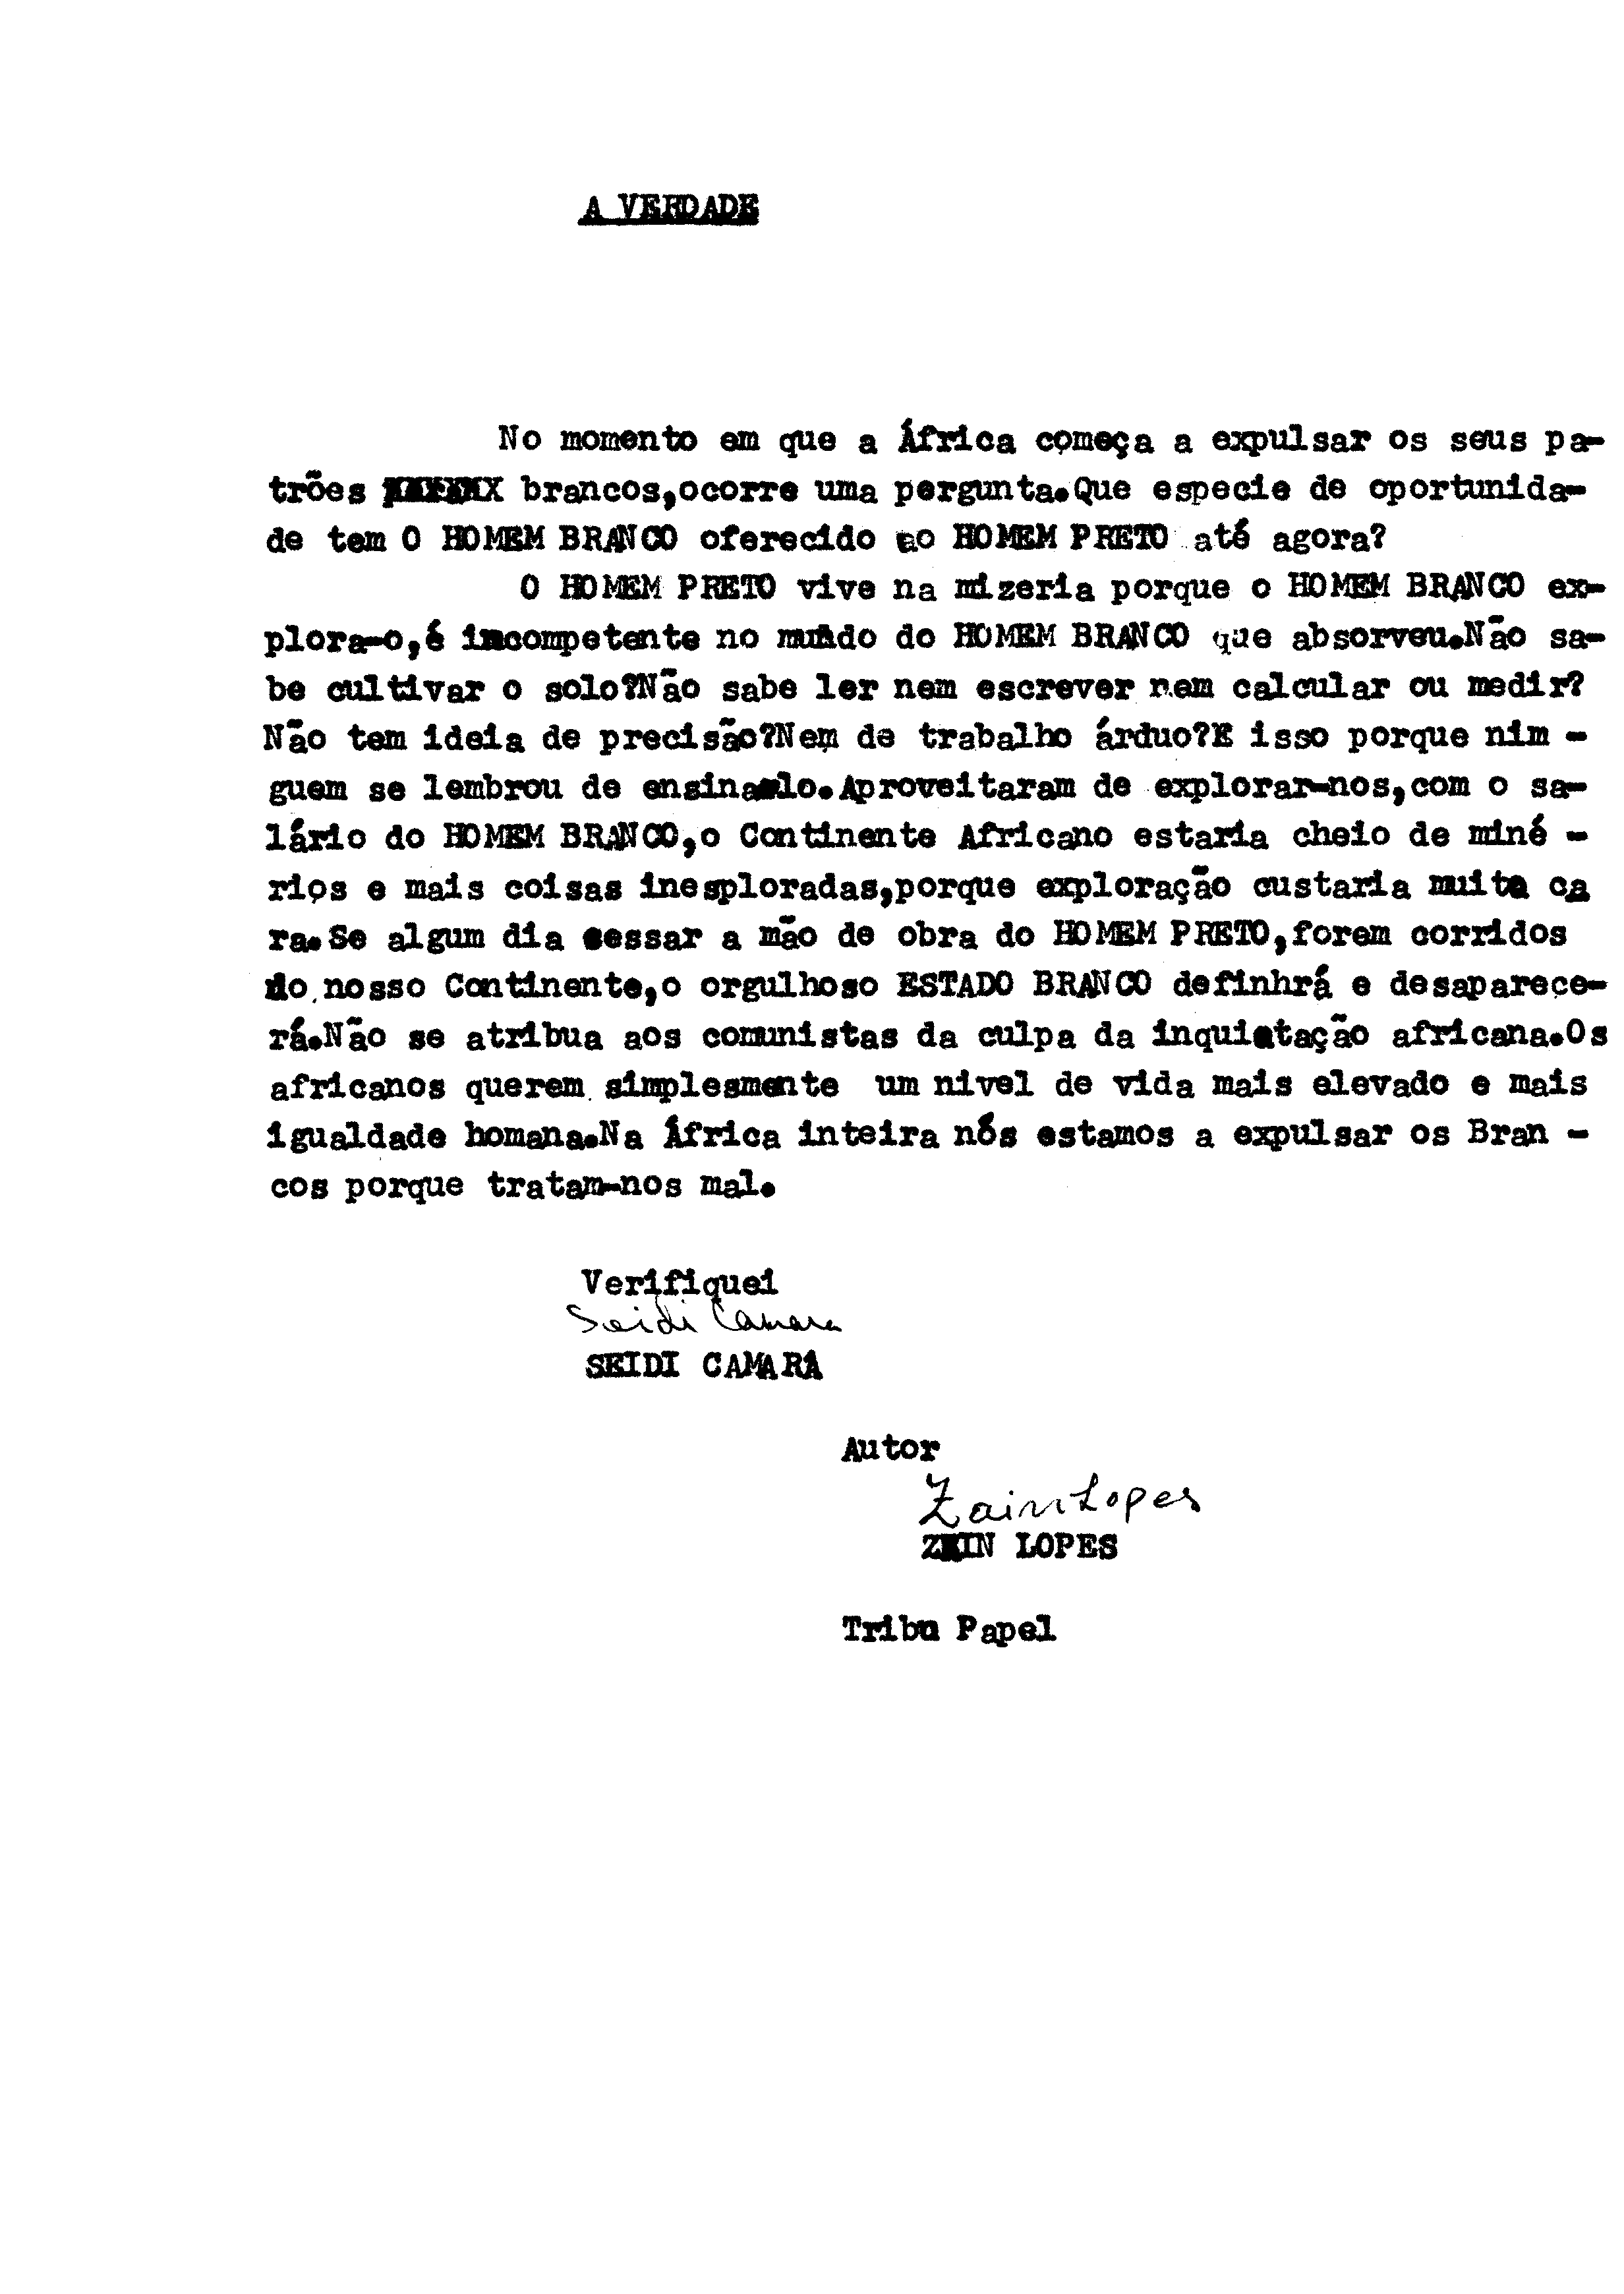 07196.157.006- pag.1